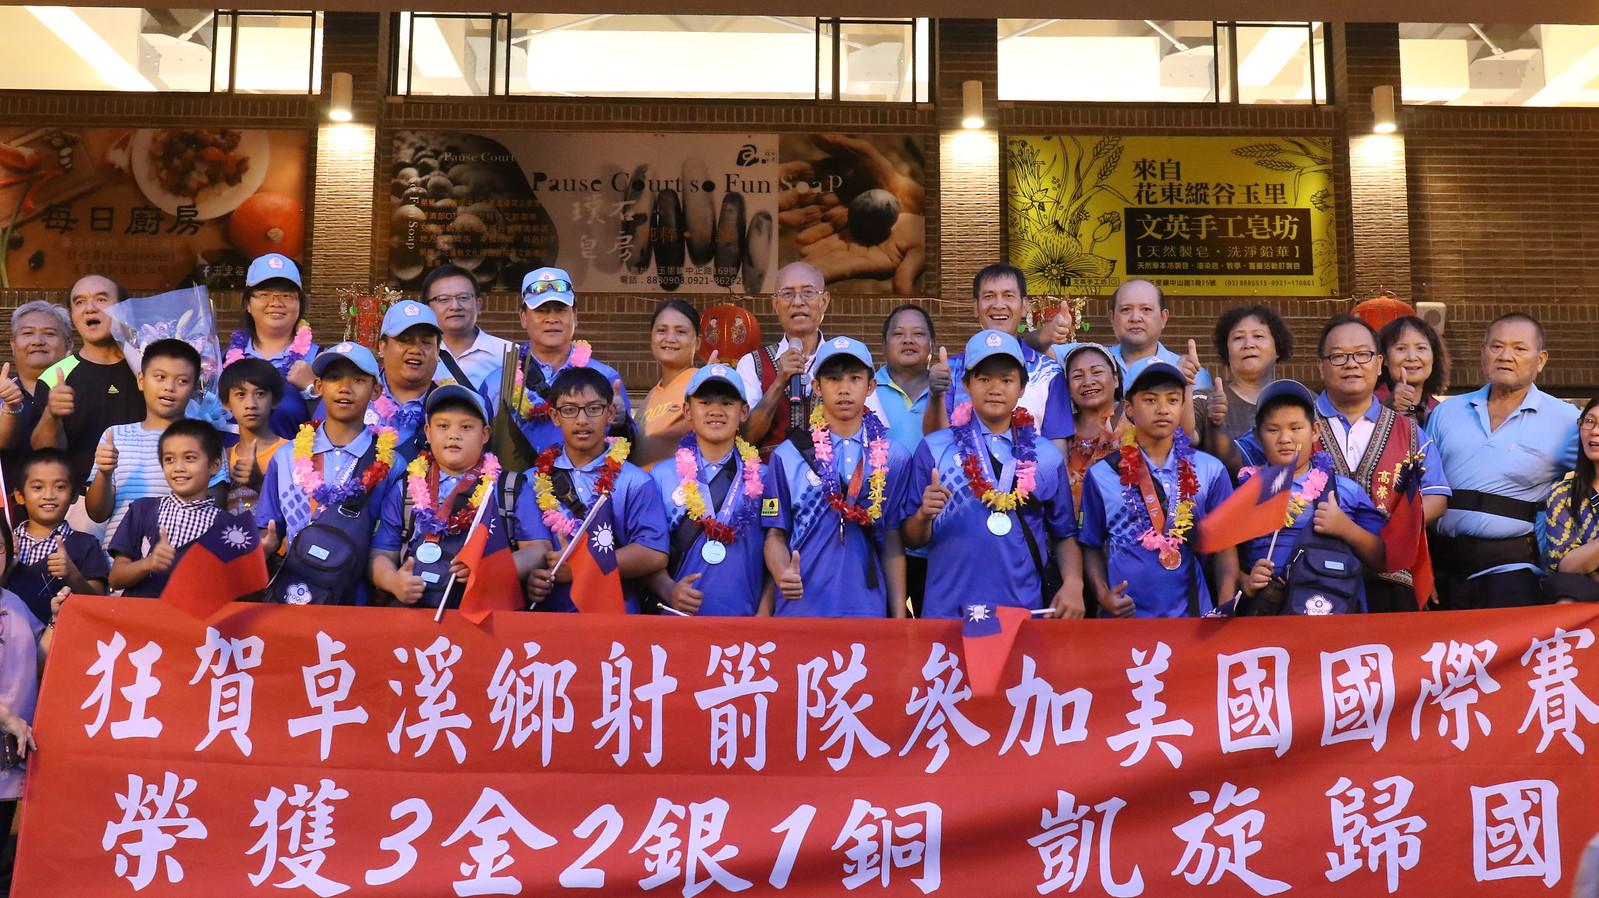 1060814卓溪、古風國小射箭隊載譽歸國遊街活動   Flickr